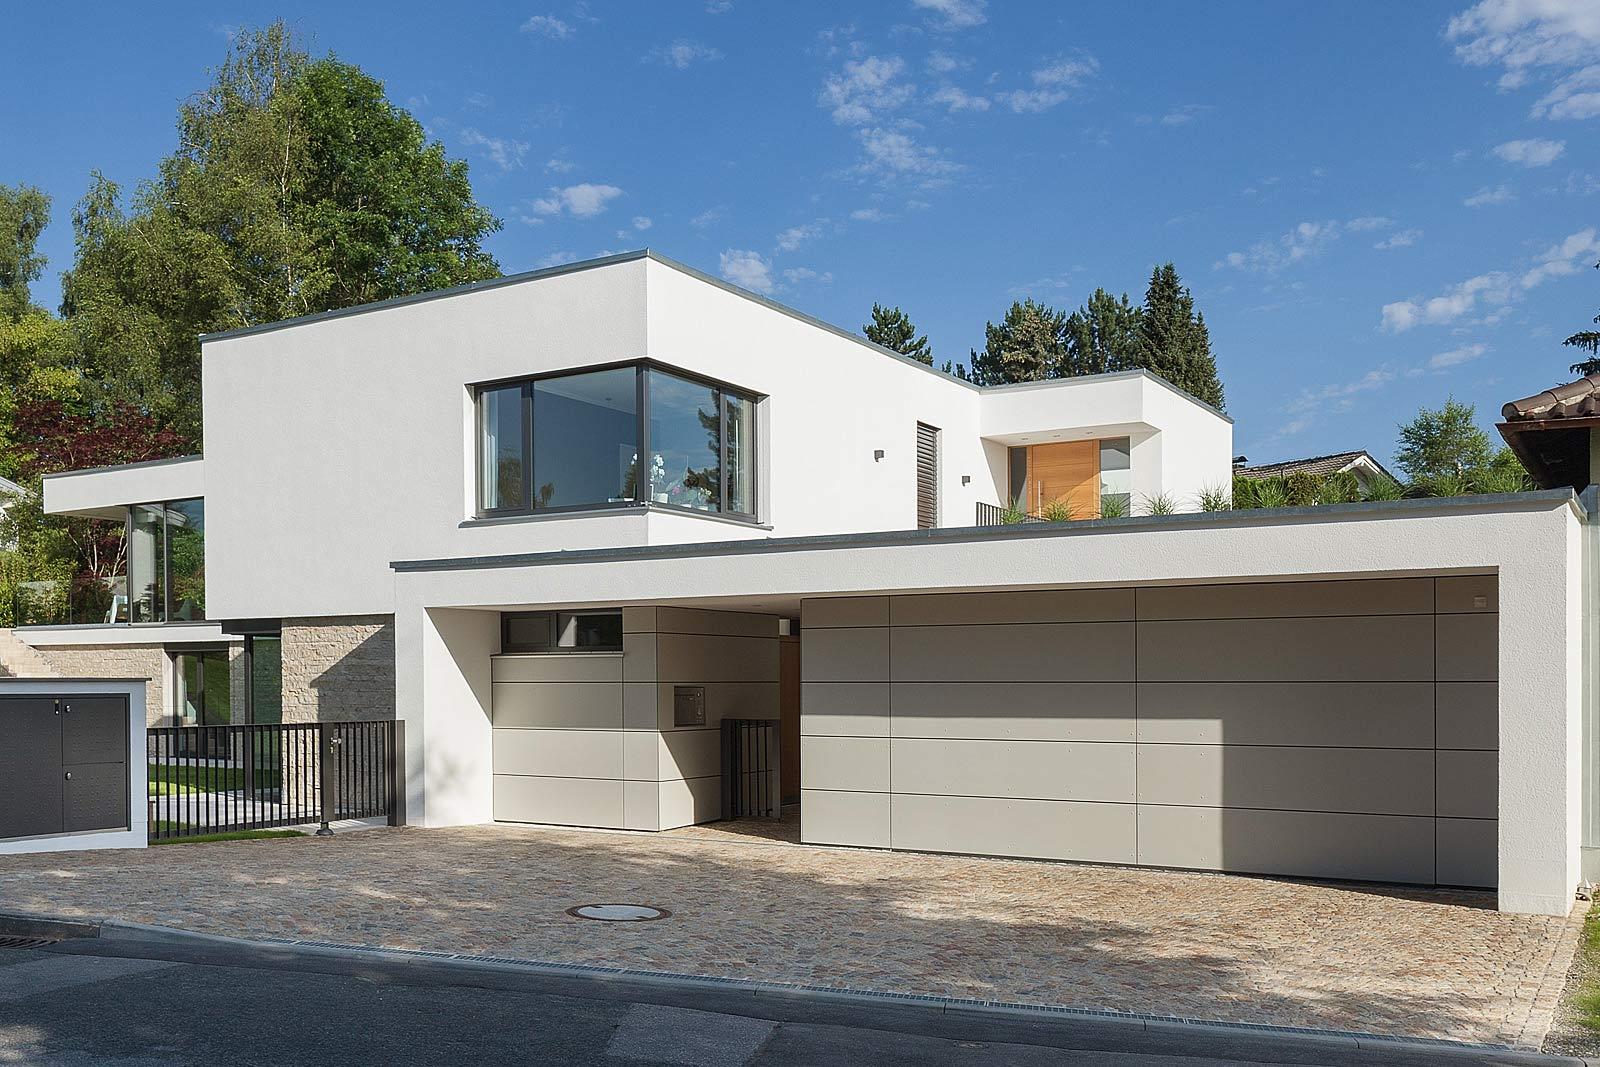 aussen Fotografie, Architektur Fotograf Einfamilienhaus, Architektur, Fotoaufnahmen Häuser, Architektur Fotograf